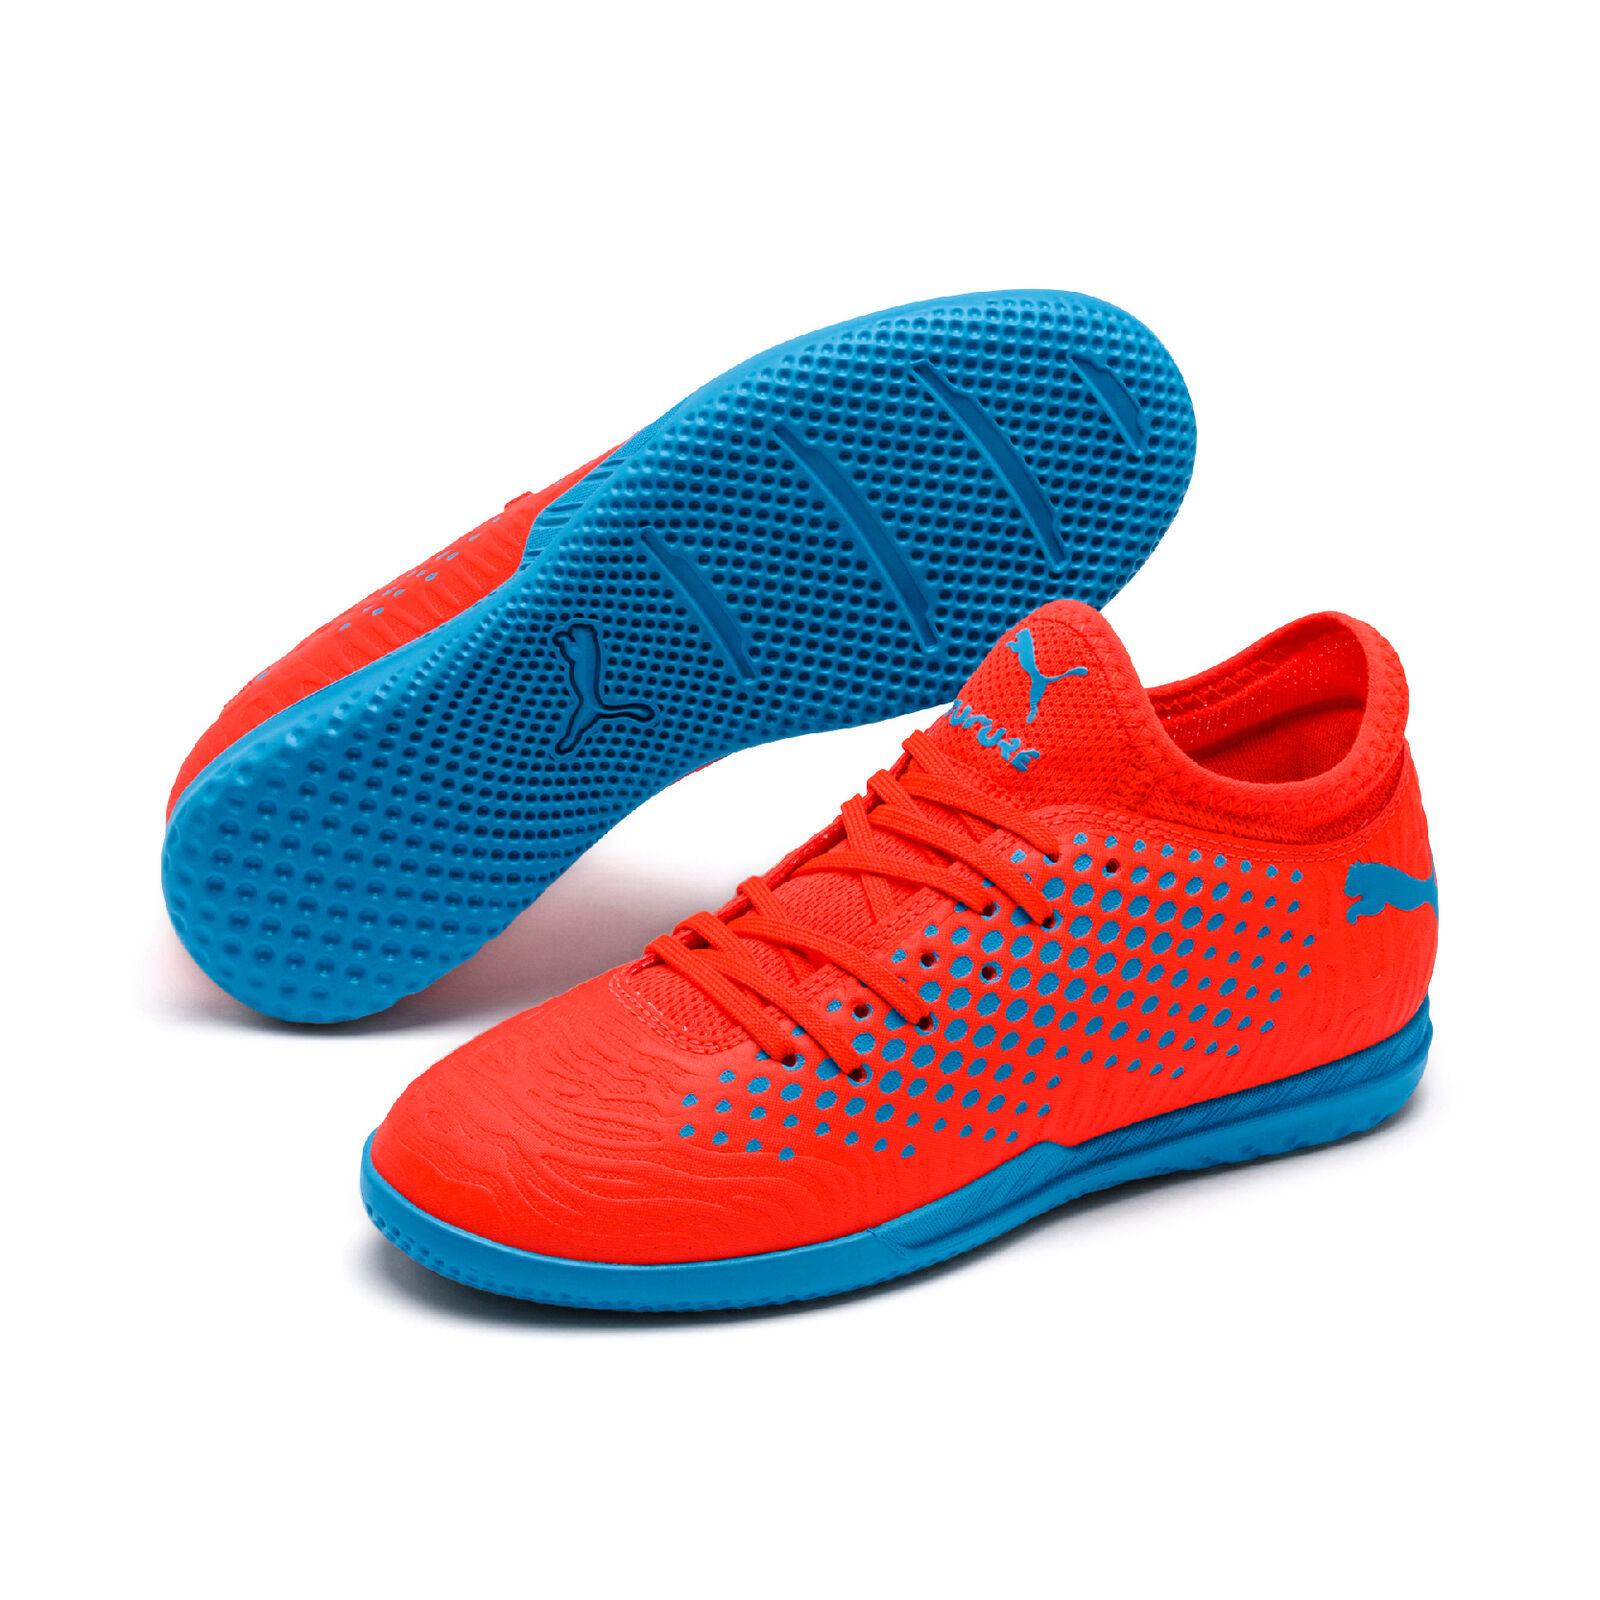 Puma Junior Future 19.4 IT Indoor Training Lightweight Football Boots